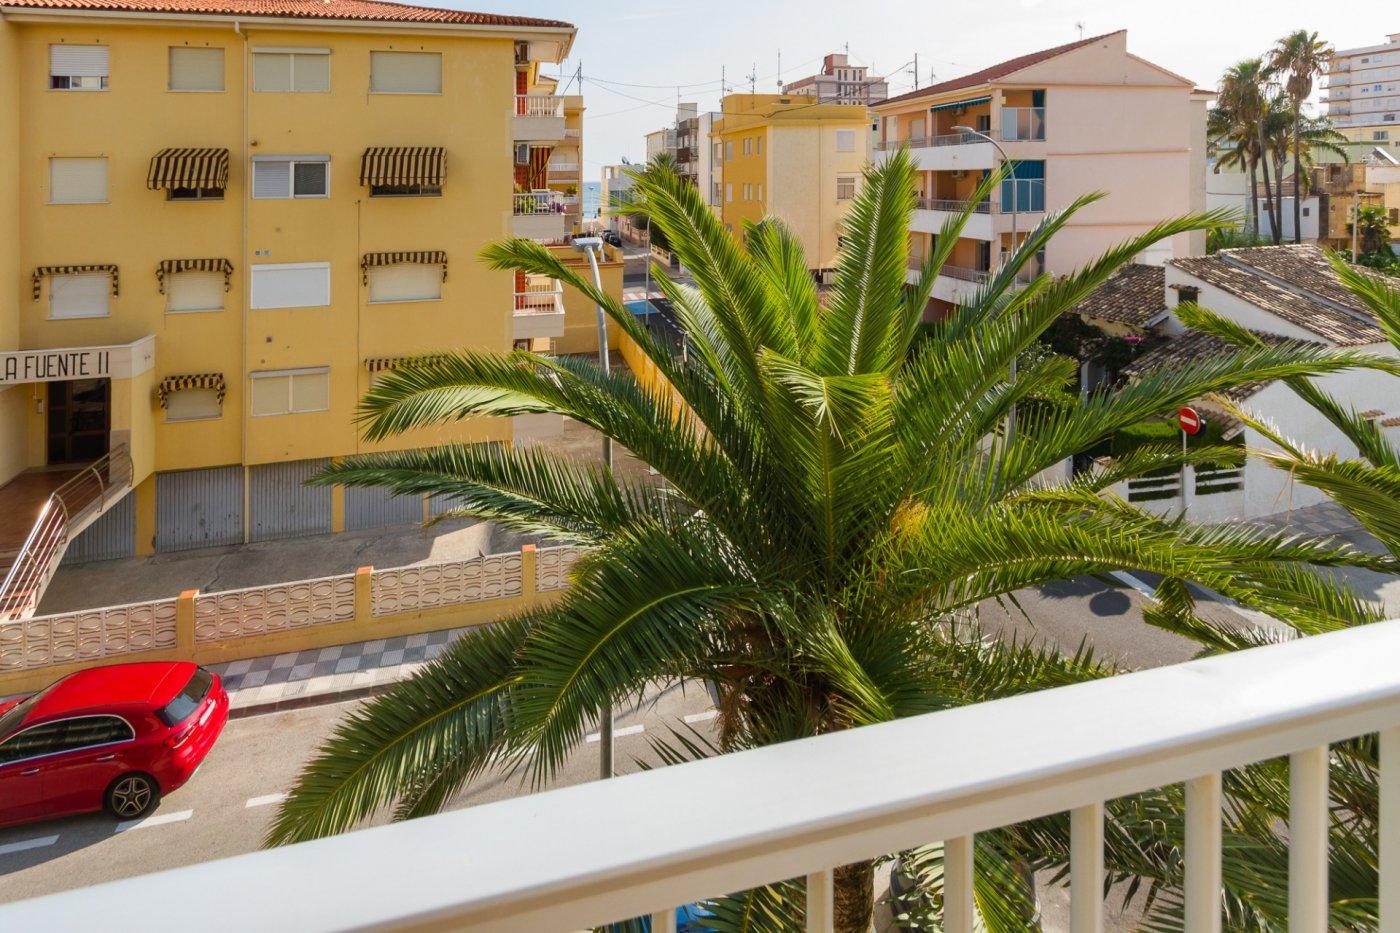 Fabuloso apartamento a 120 metros de la playa. - imagenInmueble15